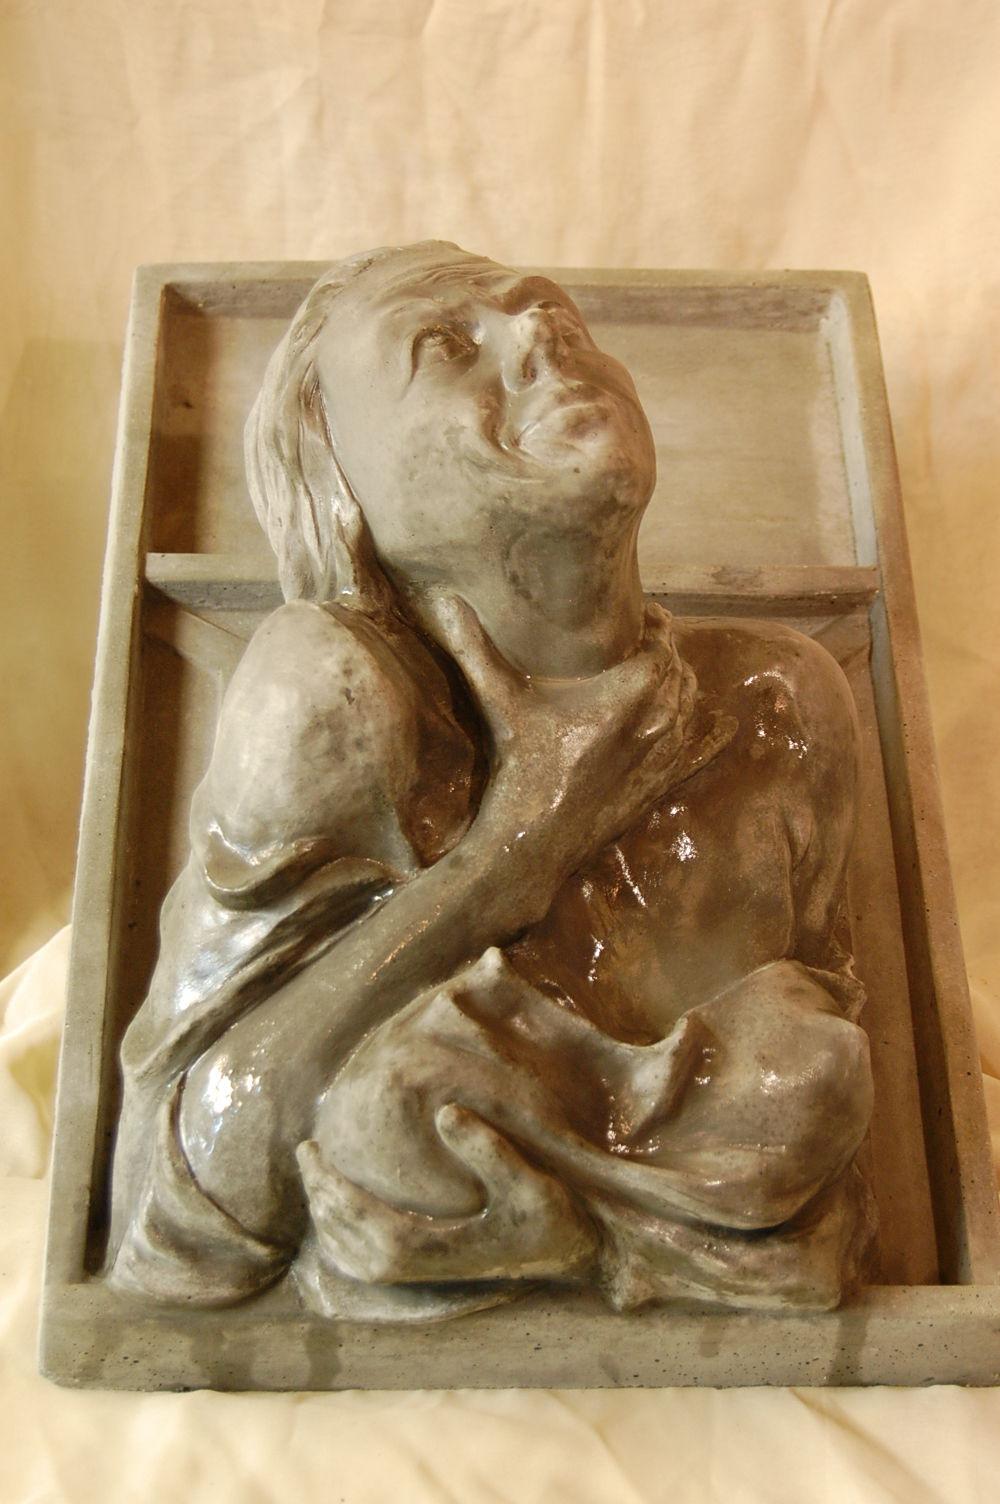 Gartenmobel Holz Chelsea : Bild Fenstergucker, Leben, Weib, Skulptur von dueweley bei KunstNet